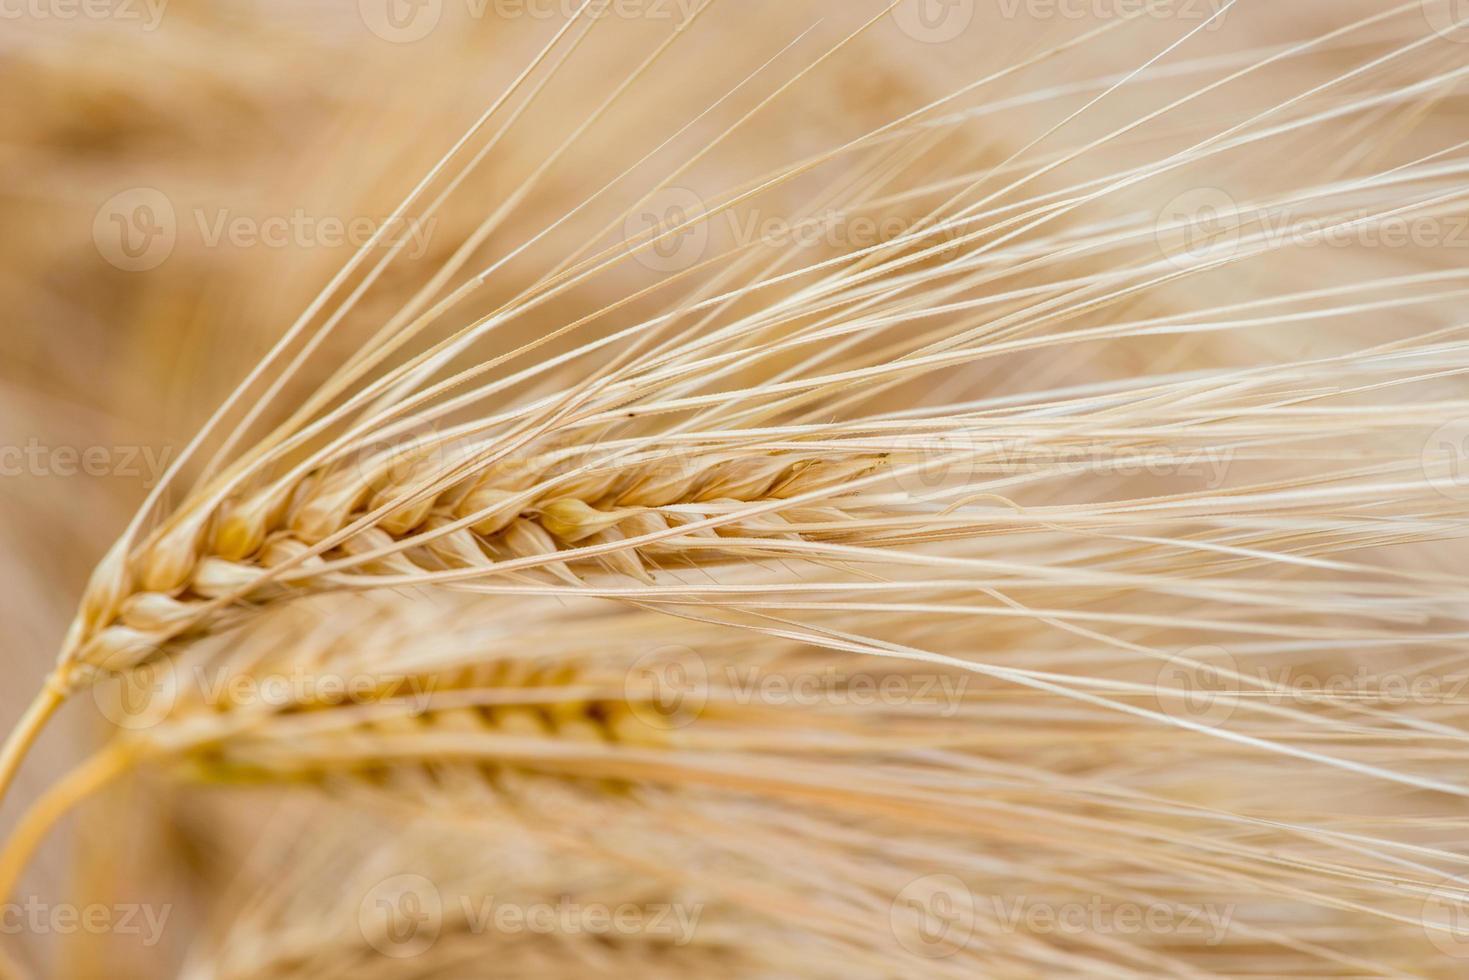 plantas de cereales, cebada, con diferente enfoque foto